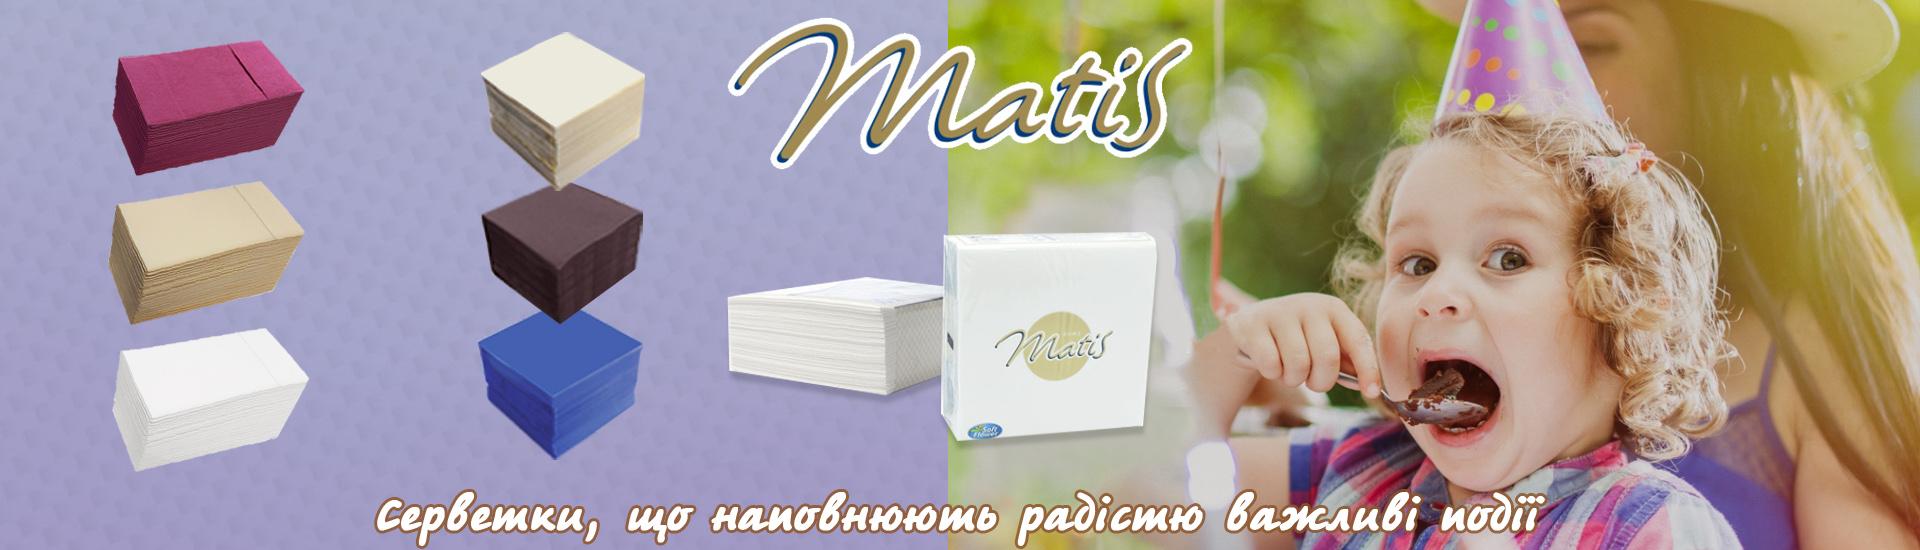 Matis2021